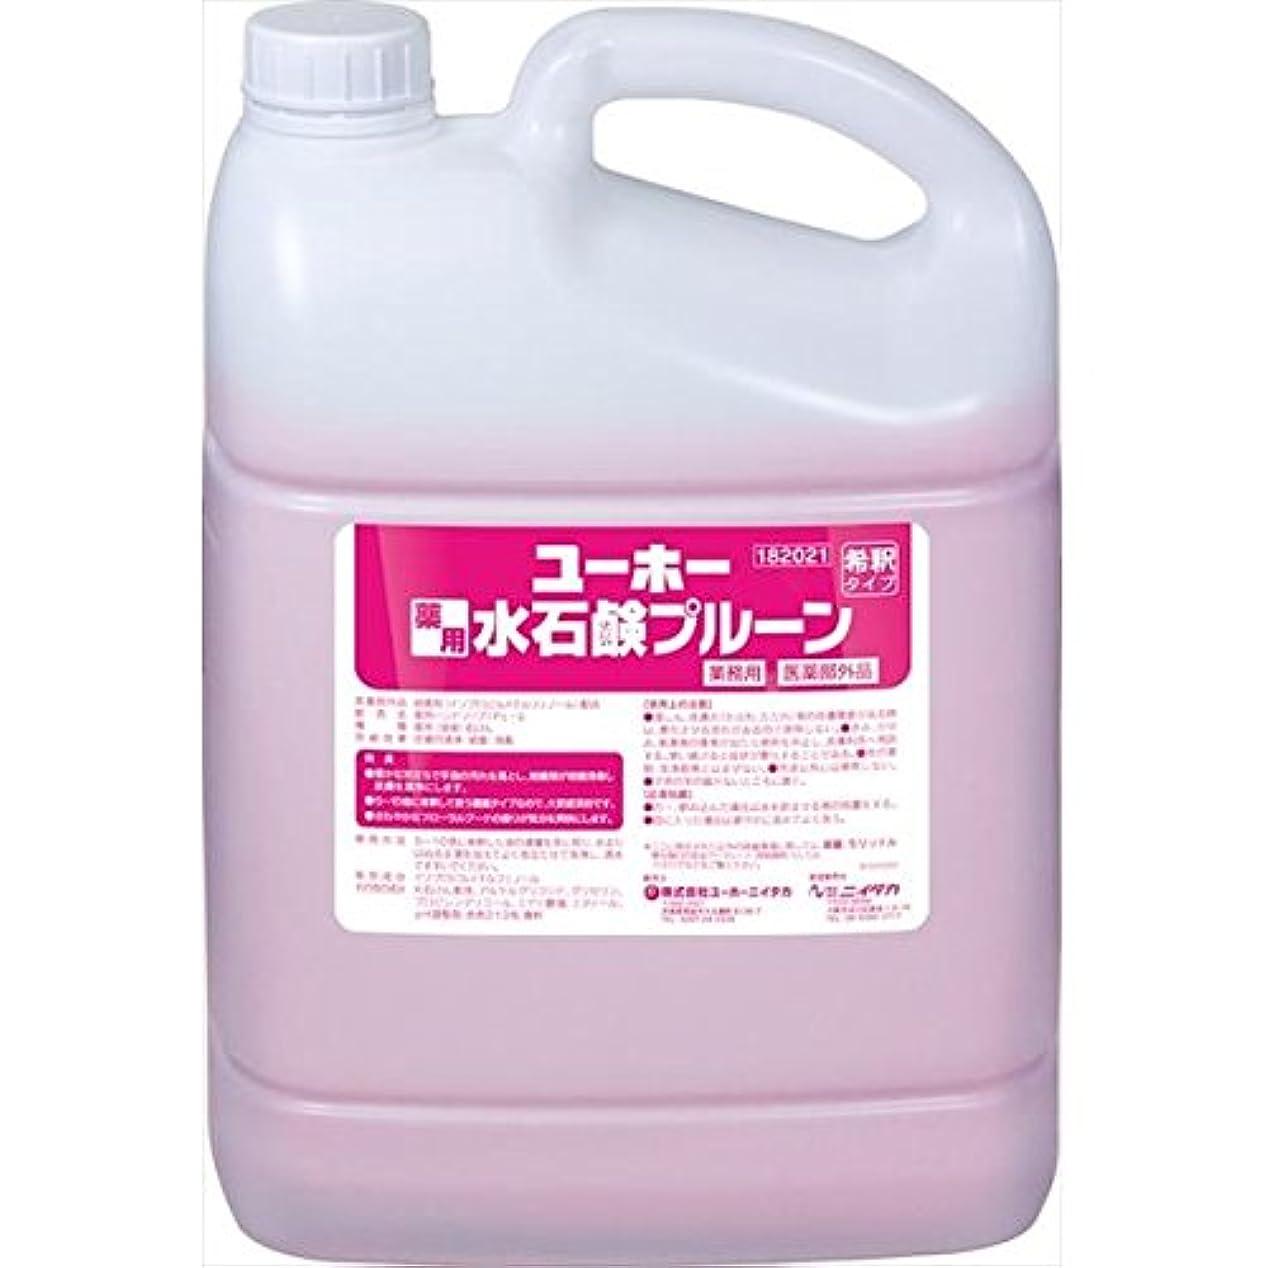 許される豚追い払うユーホーニイタカ:薬用水石鹸プルーン 5L×2 181021